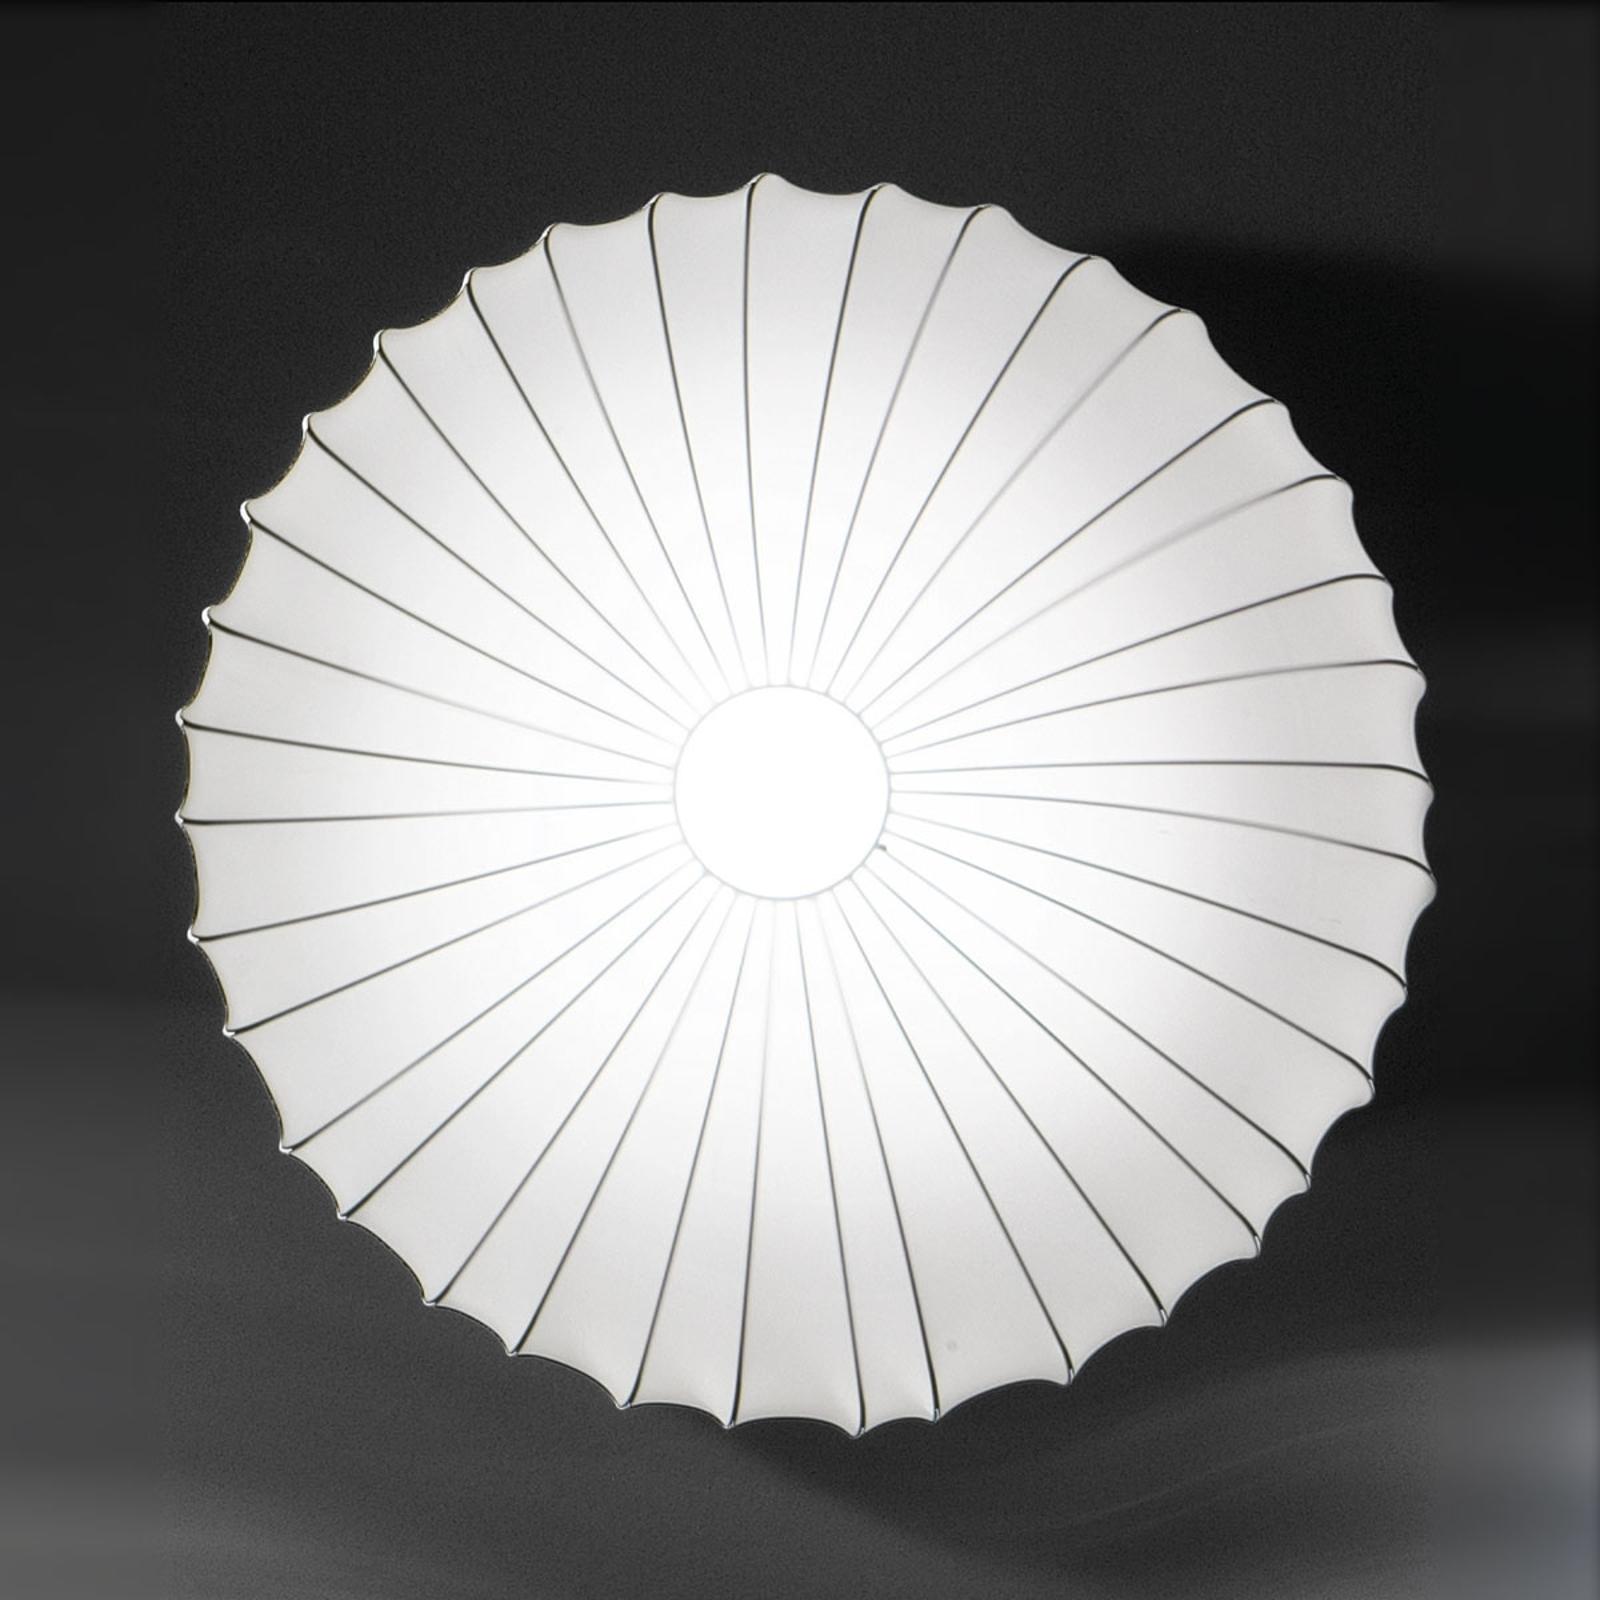 Axolight Muse væglampe i hvid